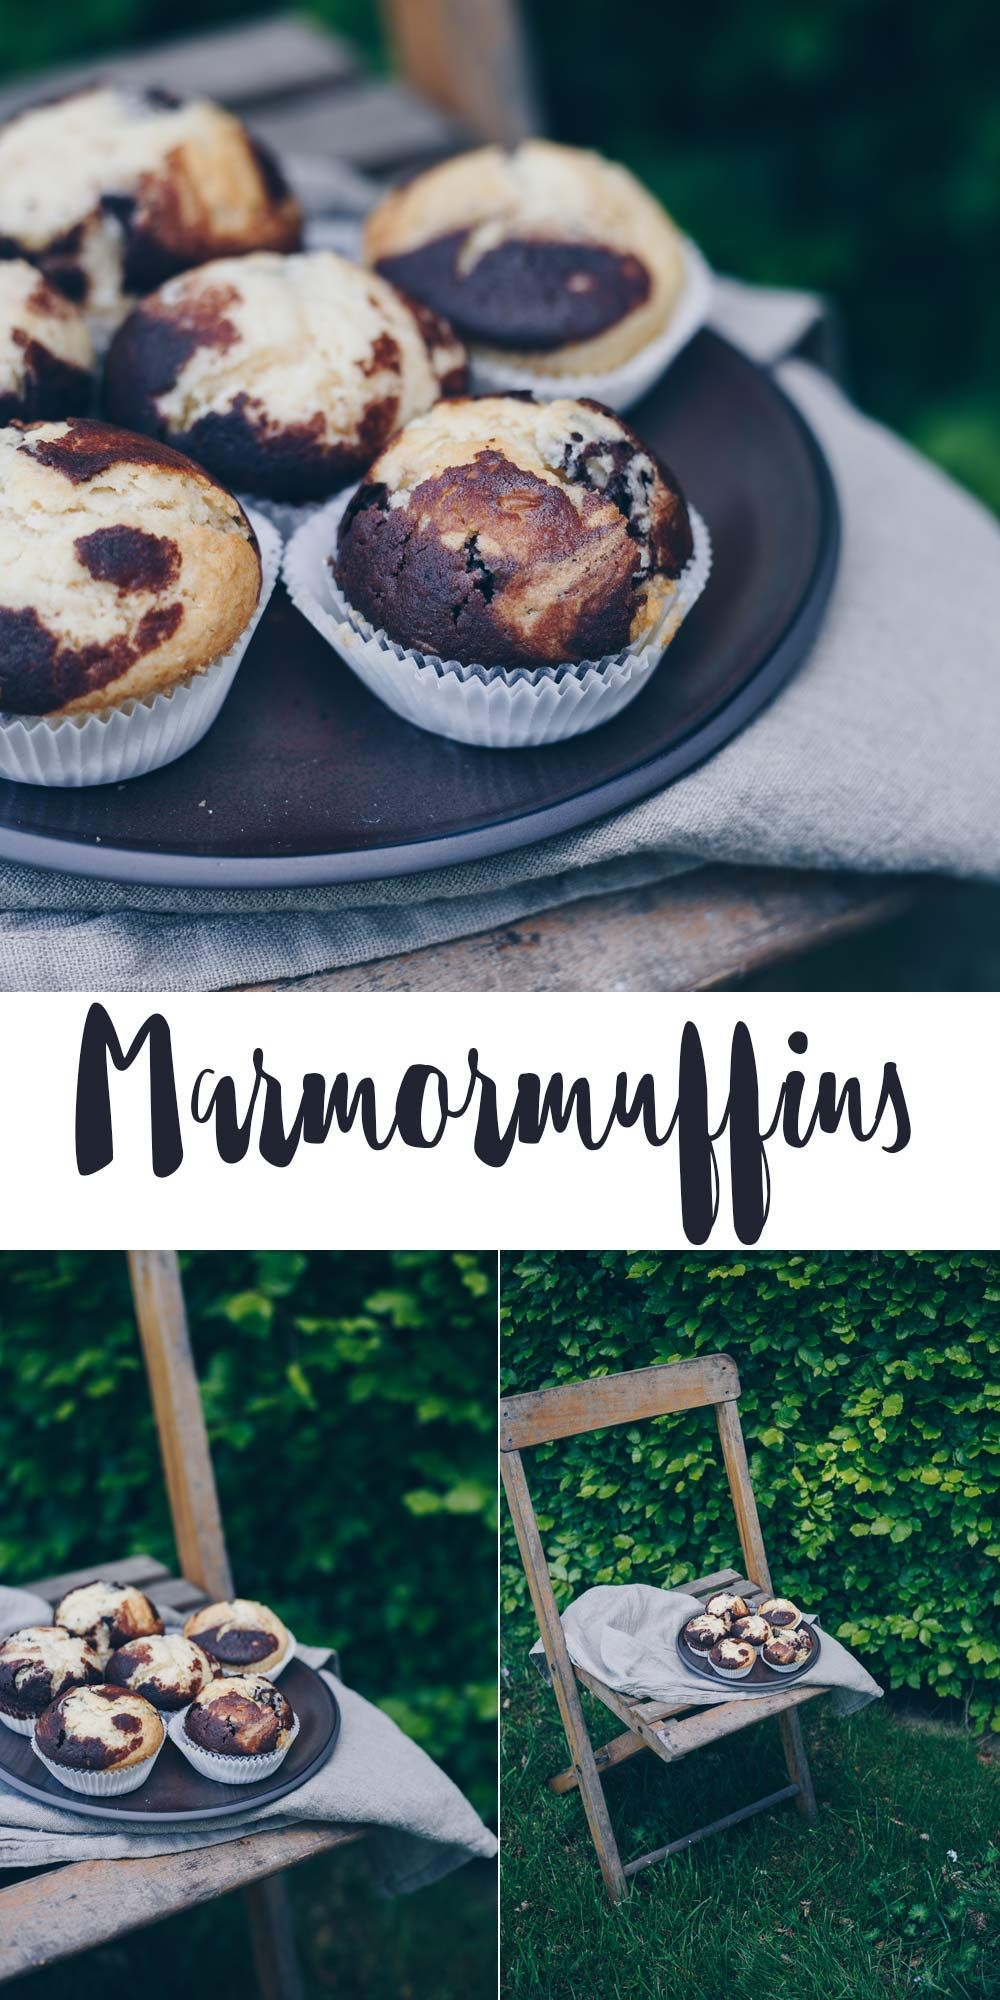 Marmormuffins backen – super einfaches Muffinrezept – schnell backen